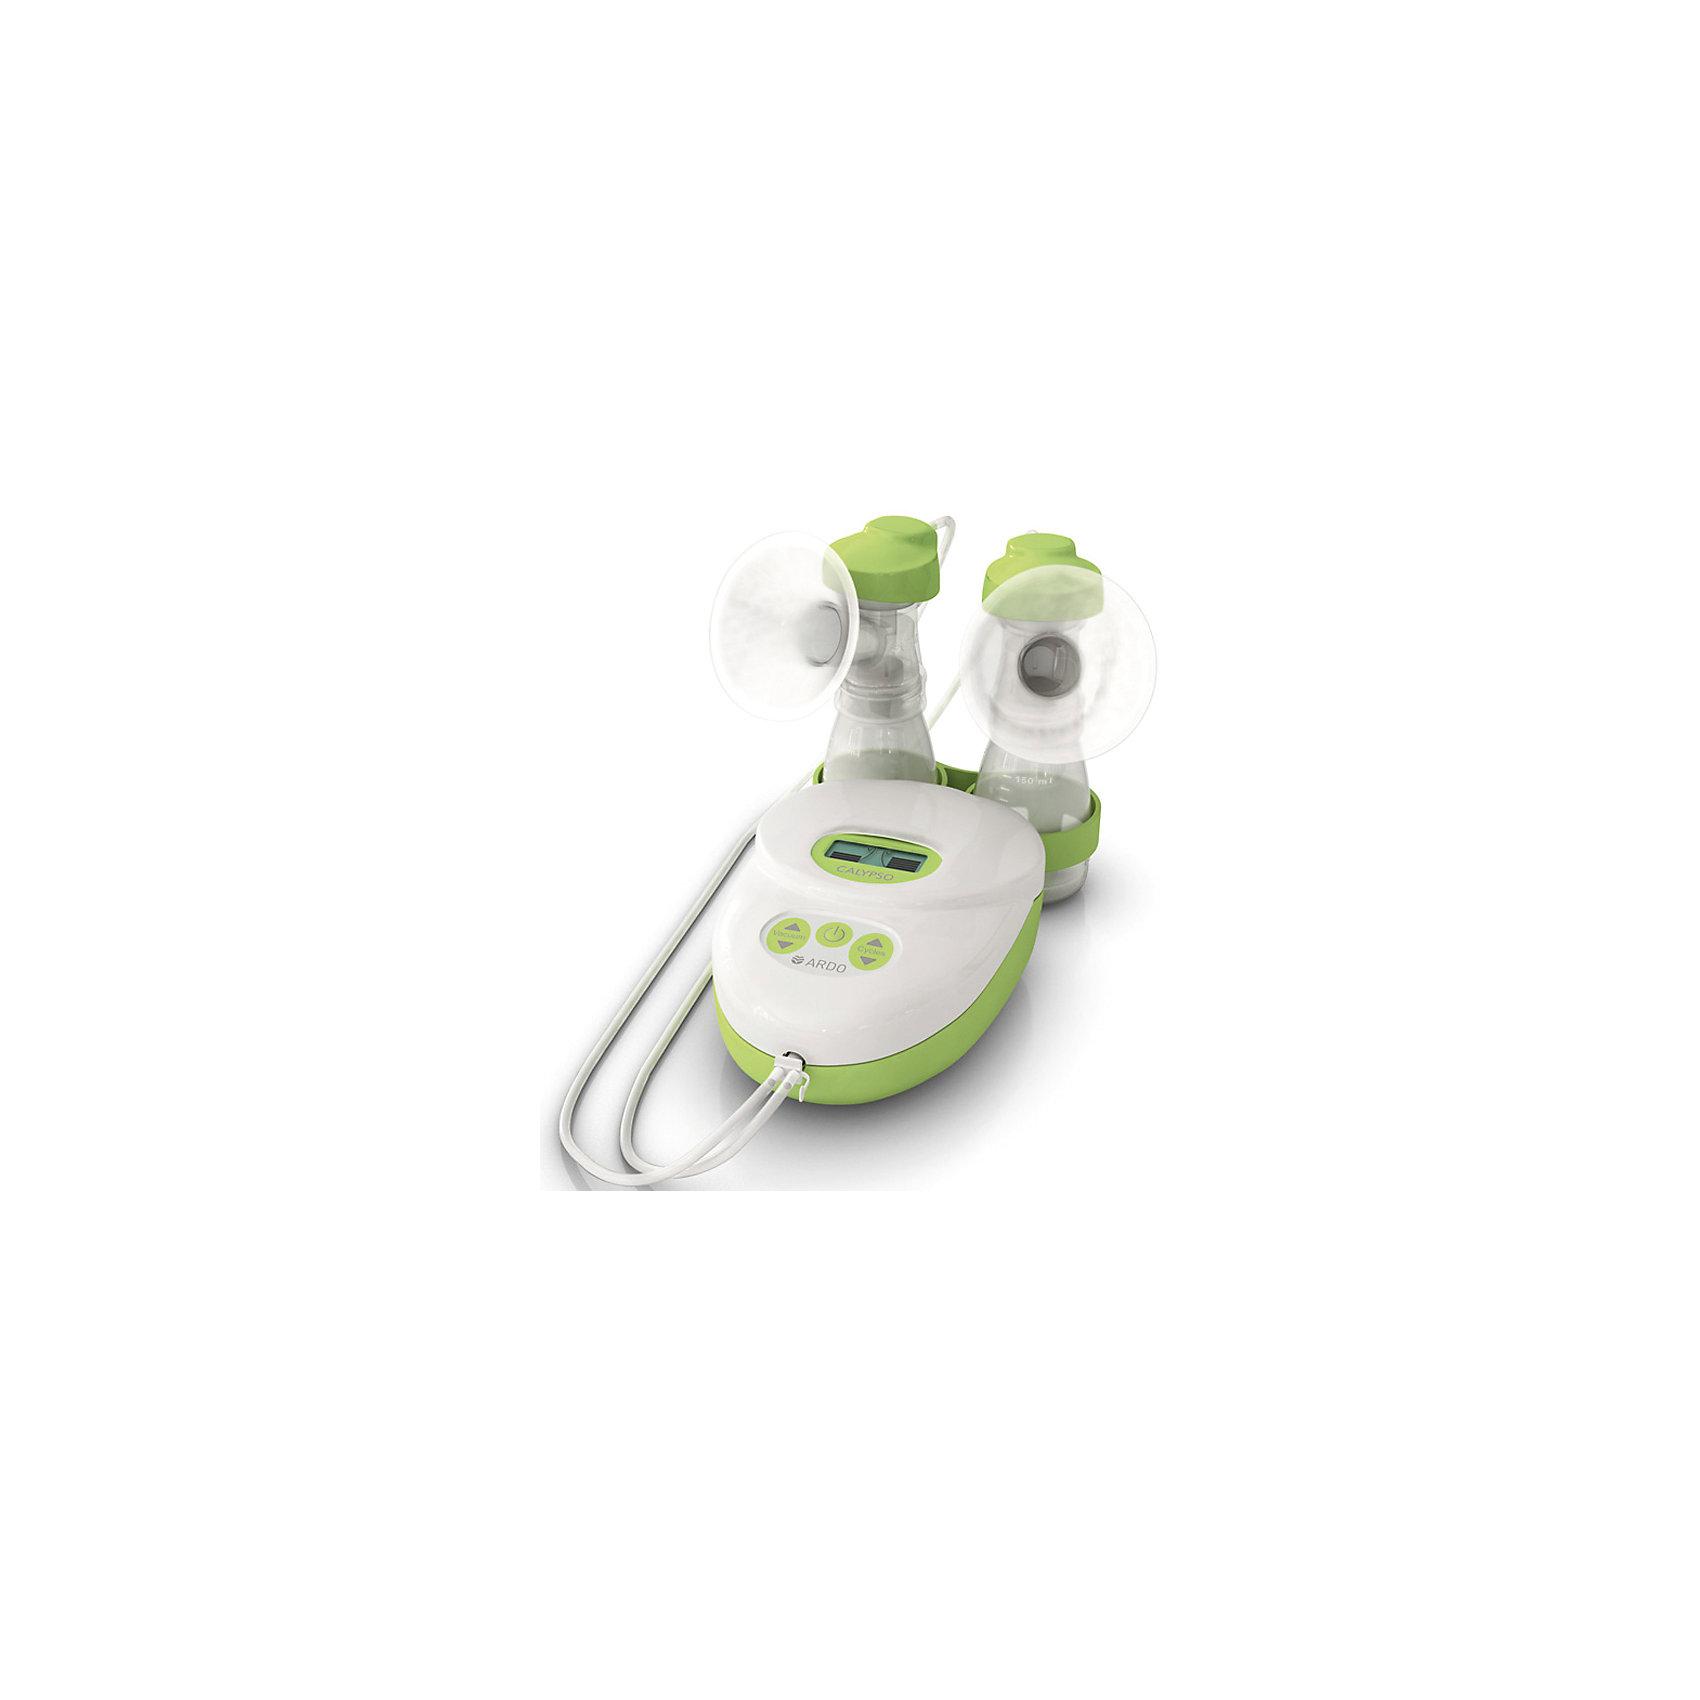 Электрический молокоотсос CALYPSO DOUBLE PLUS, ARDOМолокоотсосы и аксессуары<br>Электрический молокоотсос CALYPSO DOUBLE PLUS, ARDO (АРДО).<br><br>Характеристики:<br><br>- Комплектация: молокоотсос, 2 набора для сцеживания с воронкой 26 мм, 2 массажные насадки Optiflow, 2 дополнительные воронки 31 мм, 2 дополнительные воронки 28 мм, подставка под наборы для сцеживания, ершик для мытья, блок питания<br>- Работает как от сети, так и от батареек<br>- Батарейки: 6 типа АА<br>- Уникальная гарантия на 400 часов непрерывной работы<br>- Материал: пластик<br>- Не содержит Бисфенол-А<br>- Размер насоса: 190 x 130 x 76 мм.<br>- Размер сетевого адаптера: 100 x 60 x 90 мм.<br>- Вес насоса: 0,545 кг.<br>- Вес сетевого адаптера: 0,445 кг.<br><br>Электрический молокоотсос CALYPSO DOUBLE PLUS от компании ARDO (АРДО) – это самый тихий электрический молокоотсос. Он разработан специально для повседневного и частого использования и позволяет аккуратно сцеживать молоко из обеих грудей одновременно. Электрический молокоотсос CALYPSO DOUBLE PLUS – это единственный молокоотсос с 64 индивидуальными программами сцеживания (8 уровней по скорости сцеживания и 8 уровней по объему сцеживаемого молока). Мама сама подбирает тот режим сцеживания, который ей максимально комфортен, нажатием на кнопку электронного дисплея. Специальная массажная насадка сводит до минимума болевые ощущения, позволяет использовать щадящий режим сцеживания, сопровождающийся массажем груди. Благодаря индивидуальным настройкам сцеживания, насадкам под разные формы и размеры груди, учитывающим потребности каждой мамы, процесс сцеживание молока станет приятным и эффективным. Абсолютно бесшумная работа молокоотсоса достигнута с помощью поршневого насоса. В отличие от роторного механизма, поршневой воспроизводит движения малыша, как при кормлении грудью. Теперь сцеживание максимально приближено к естественному кормлению грудью! Воронки для сцеживания имеют антибактериальный барьер VacuuSeal, и на 100% защищают грудное молоко от 